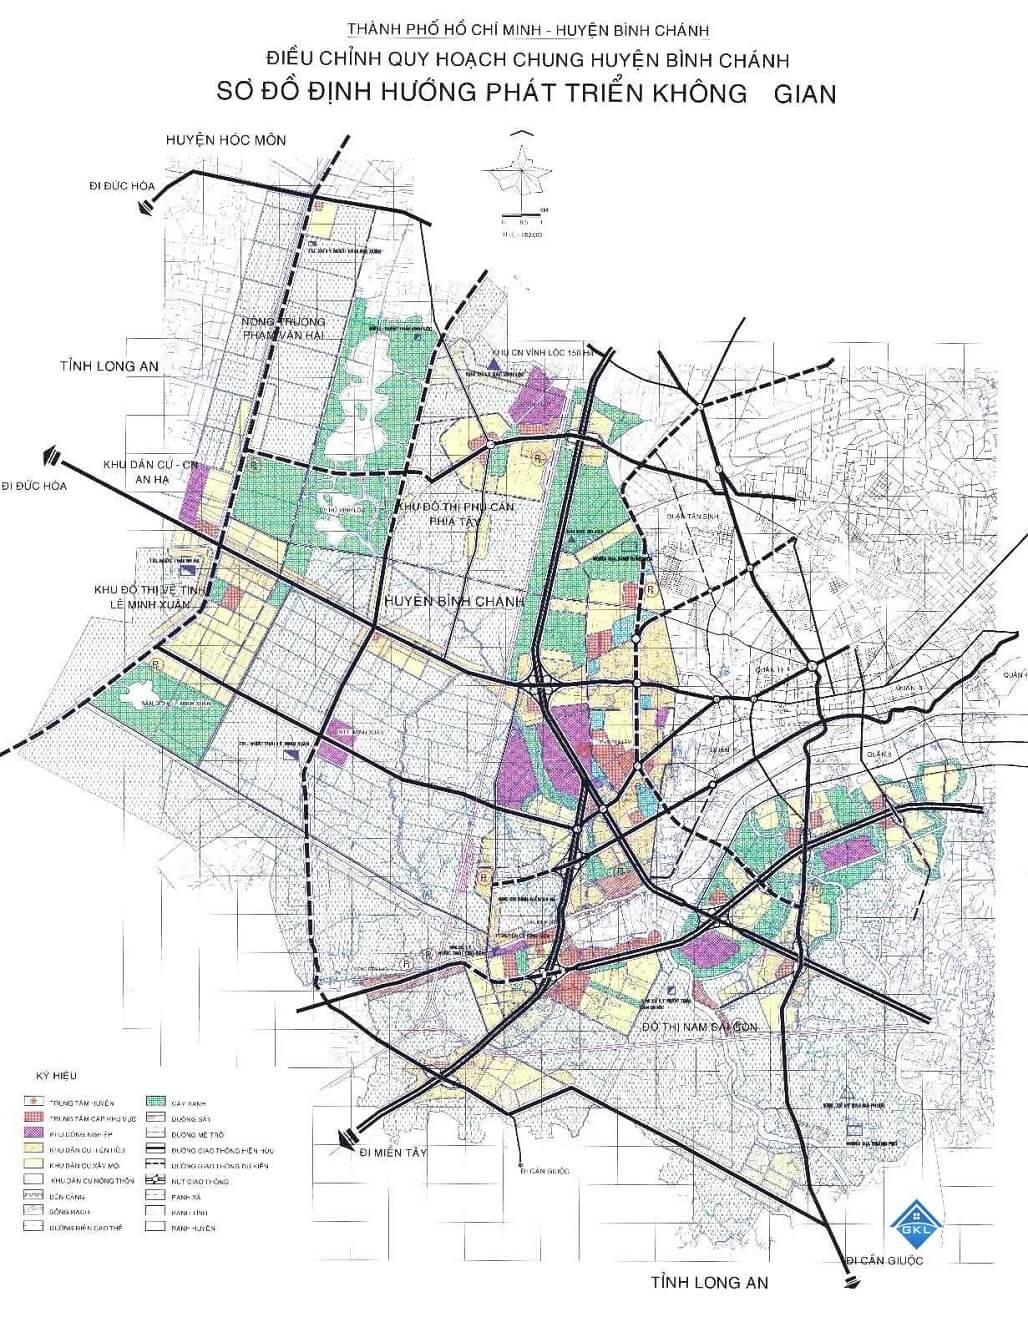 quy hoạch sử dụng đất bình chánh 2020